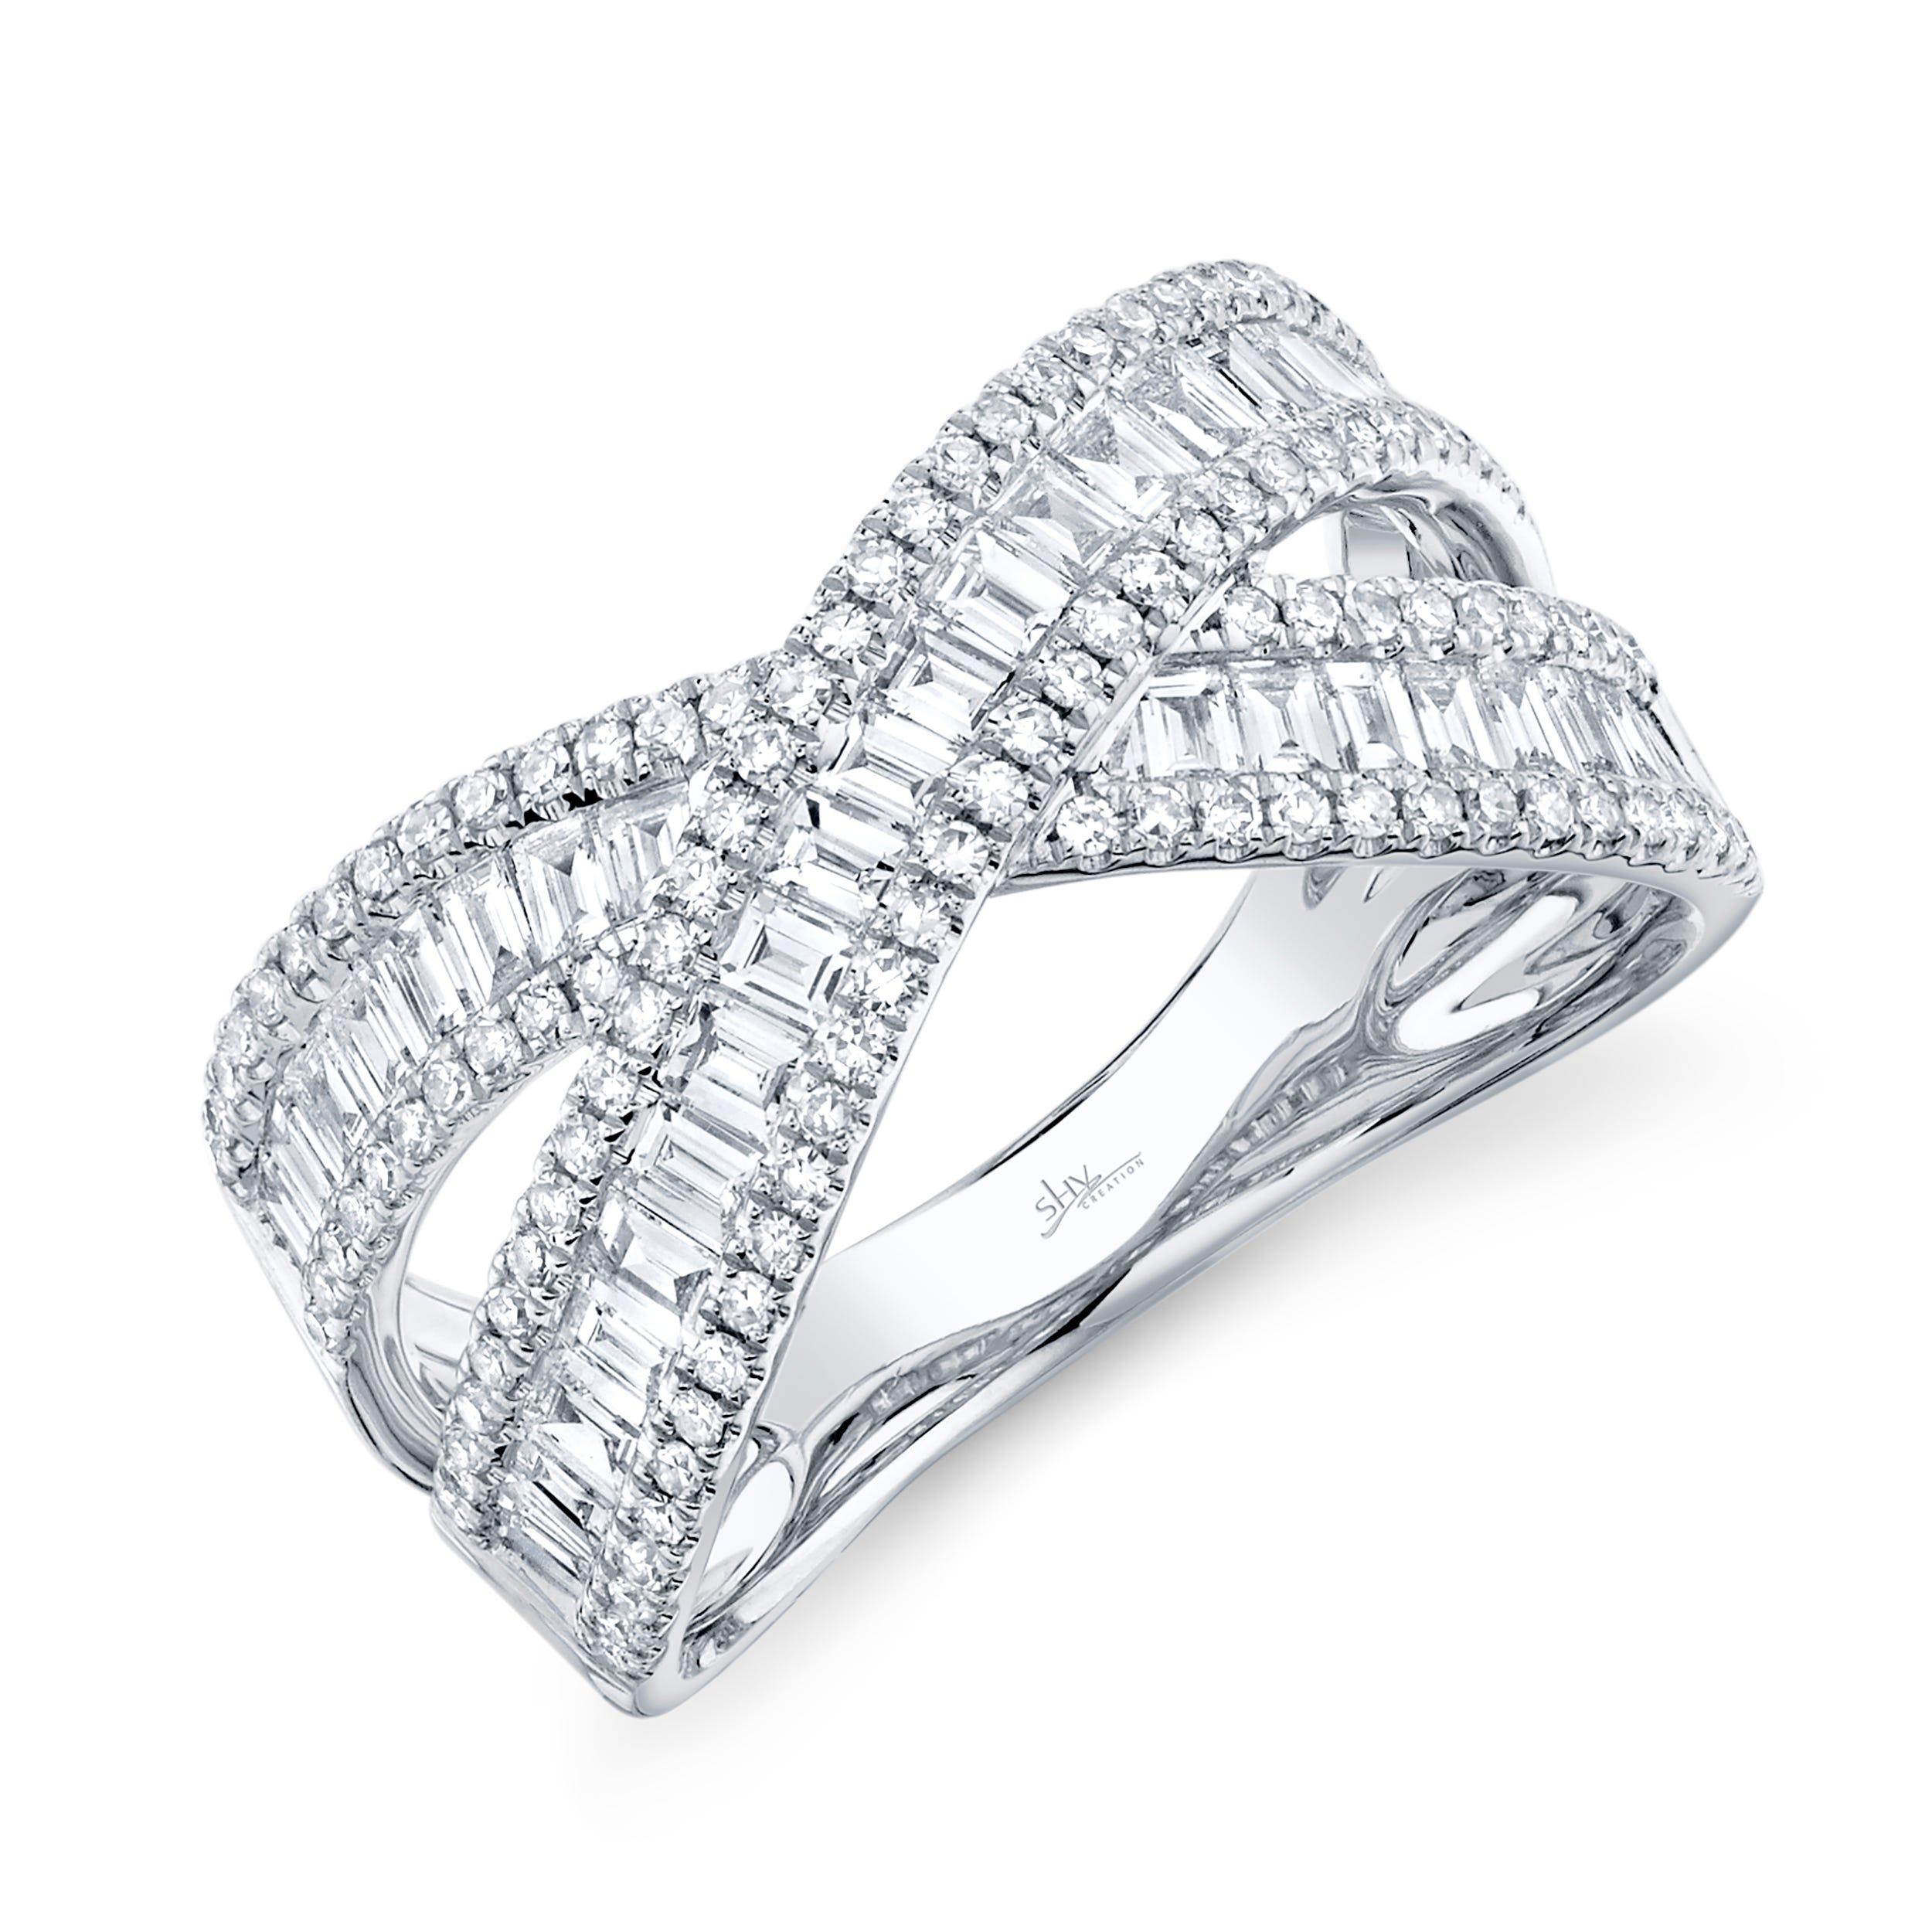 Shy Creation Diamond Baguette Ring in 14k White Gold  SC55007831